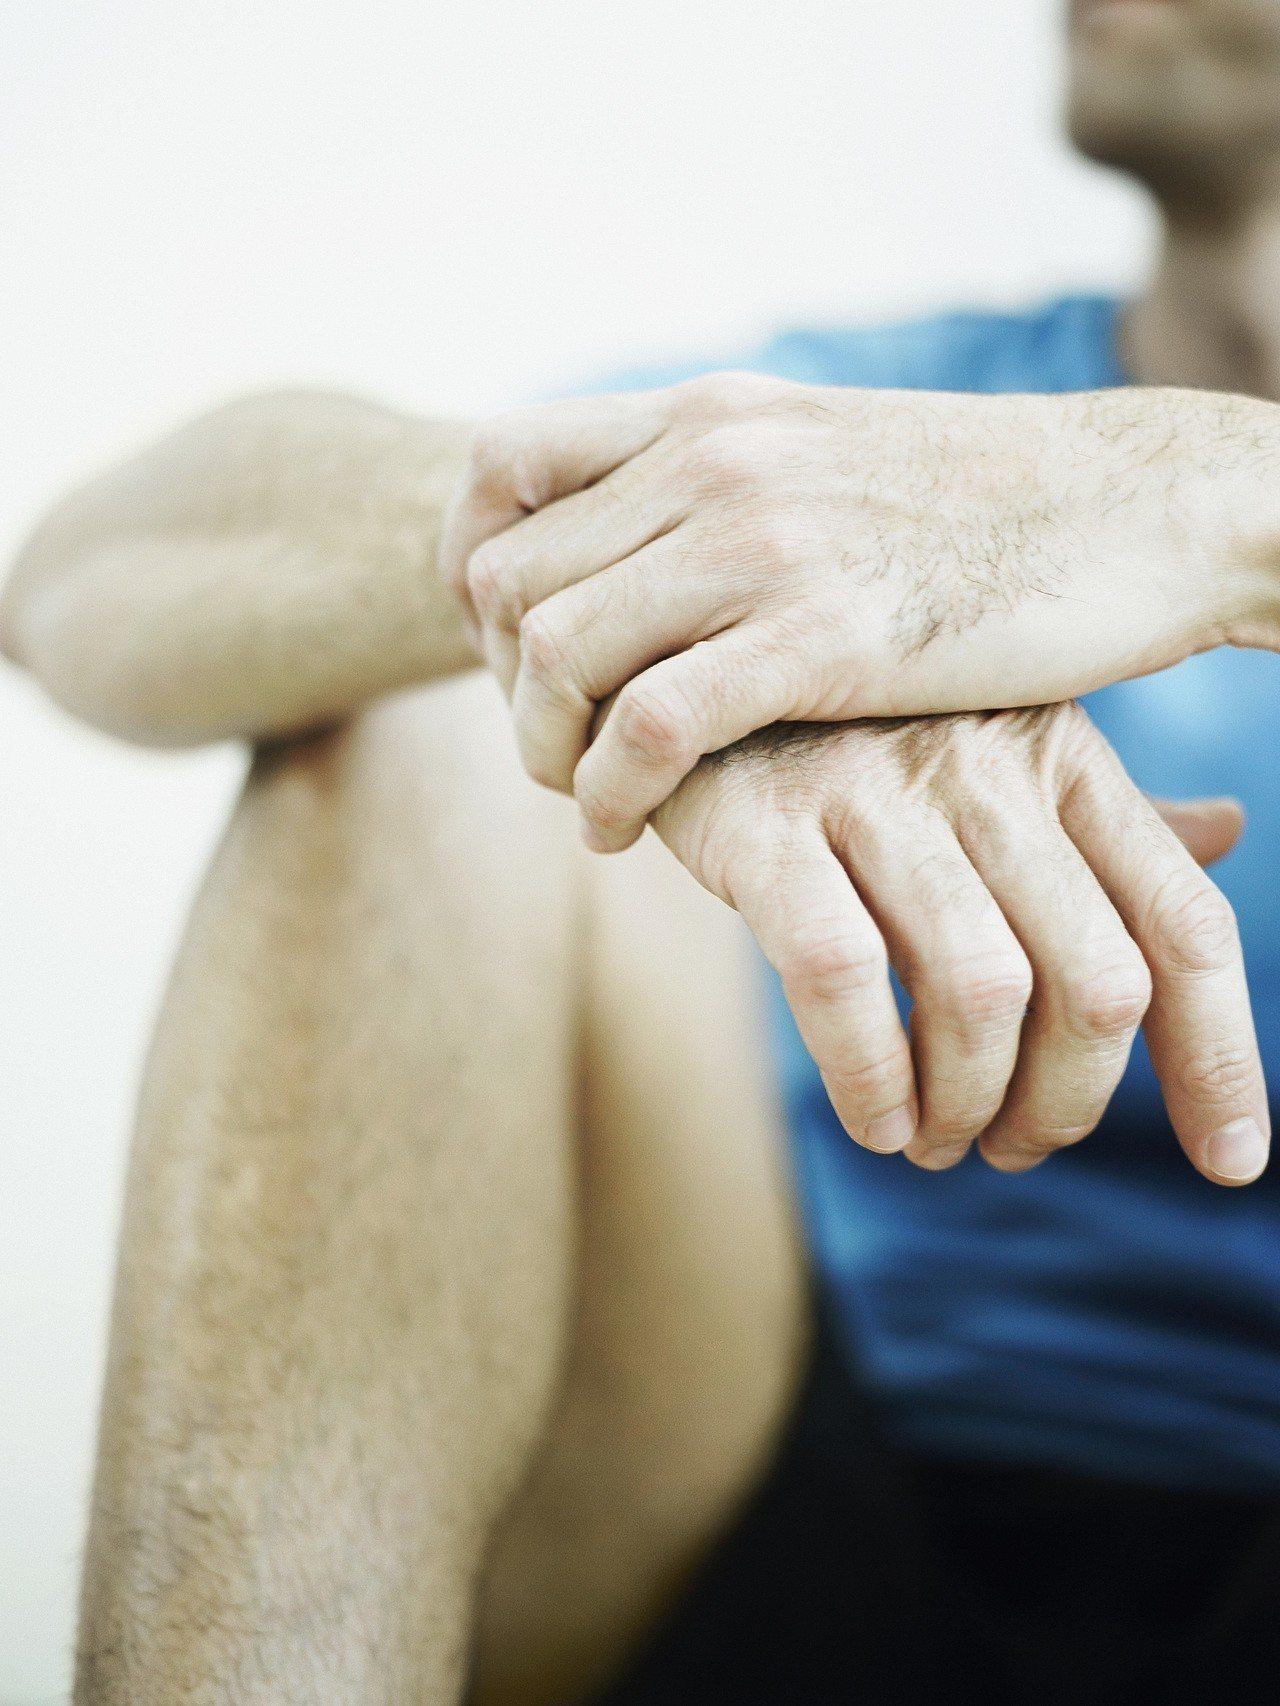 台中市一名15歲籃球校隊球員想要效法NBA球星林書豪,每天嚴格訓練,造成髕骨肌腱...